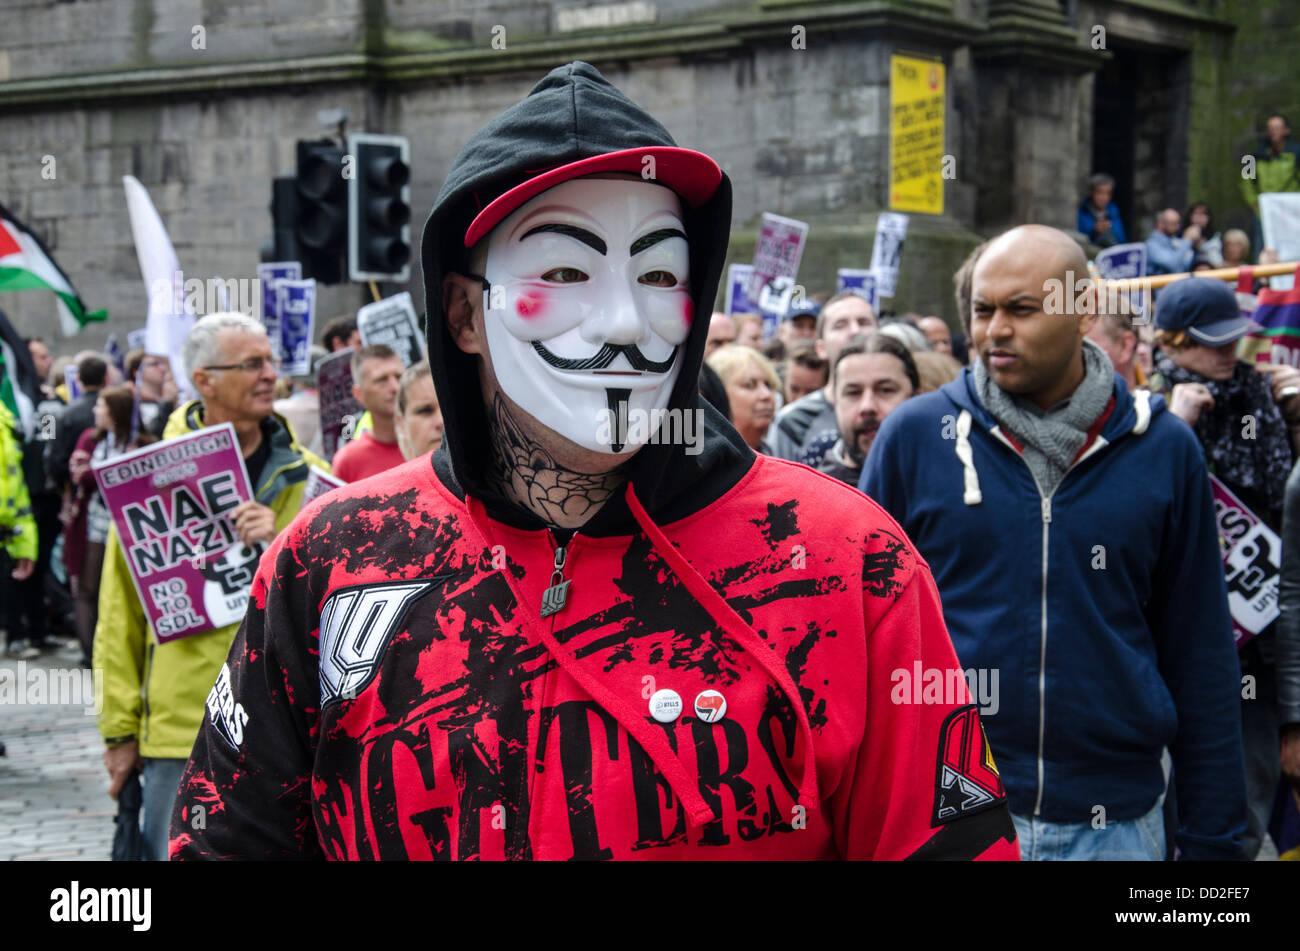 Manifestant anti-fasciste portant un masque anonyme dans la vieille ville d'Édimbourg. Photo Stock